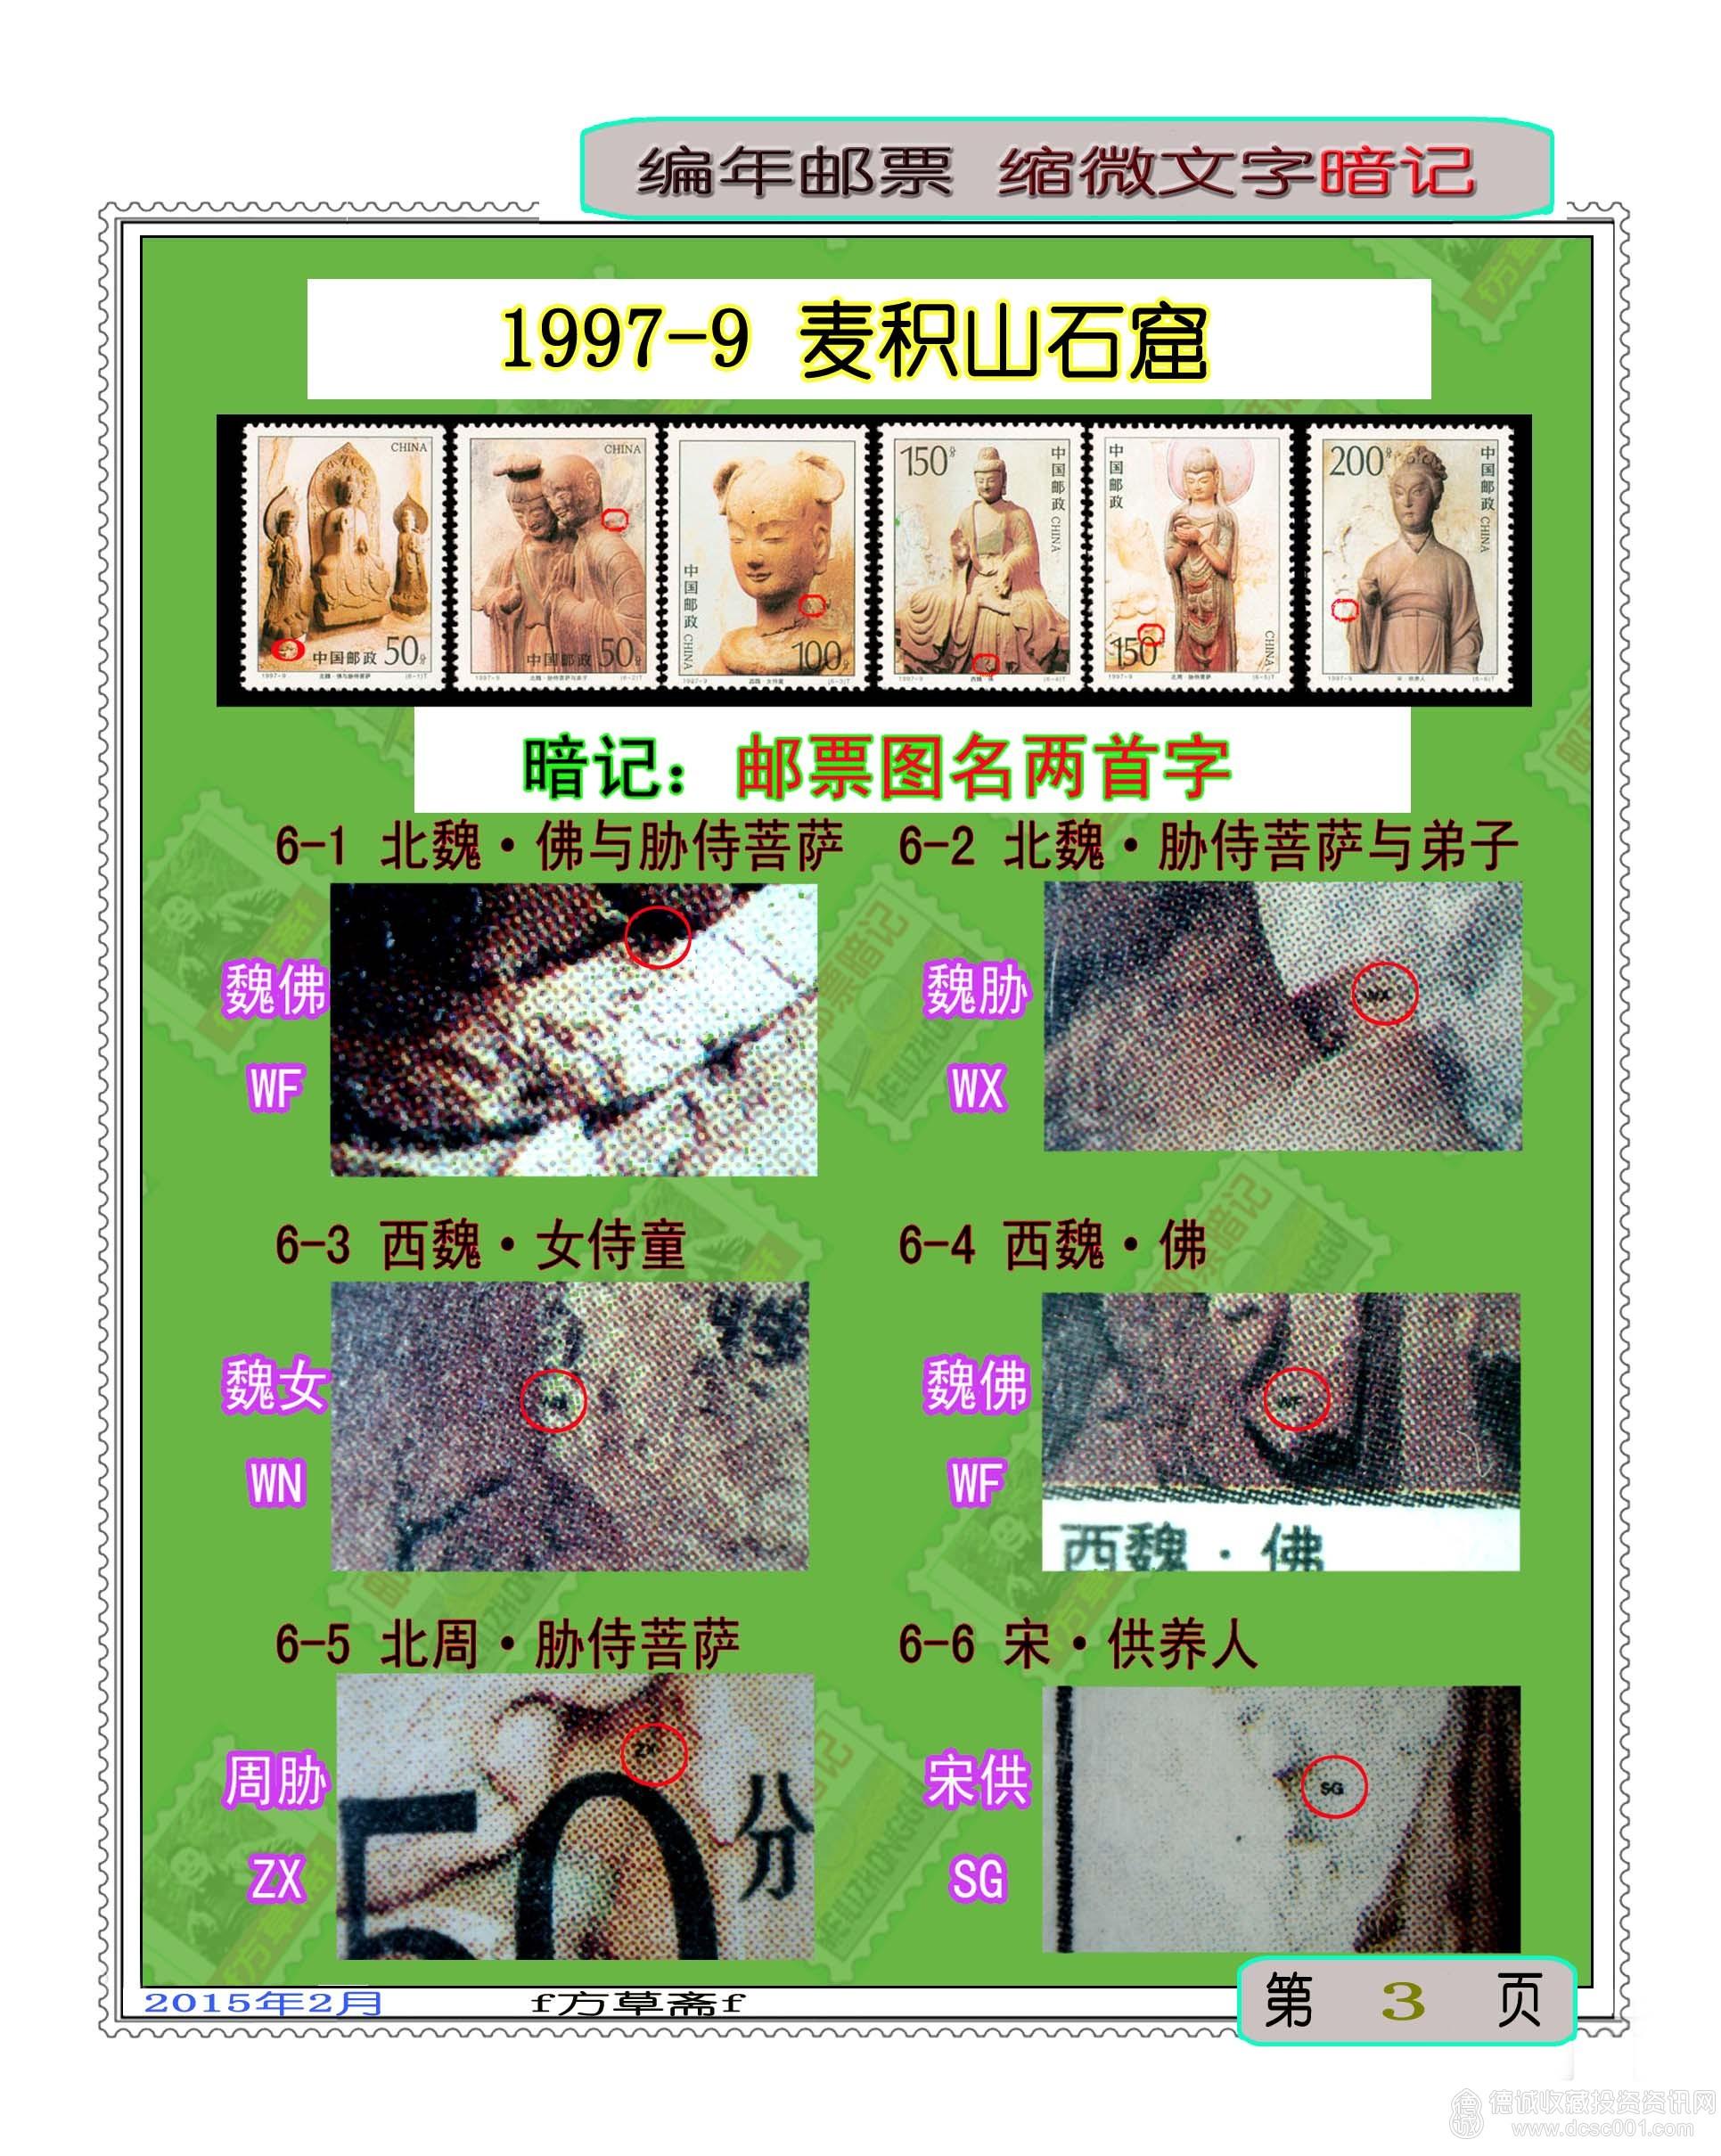 1997-9 麦积山石窟(T).jpg